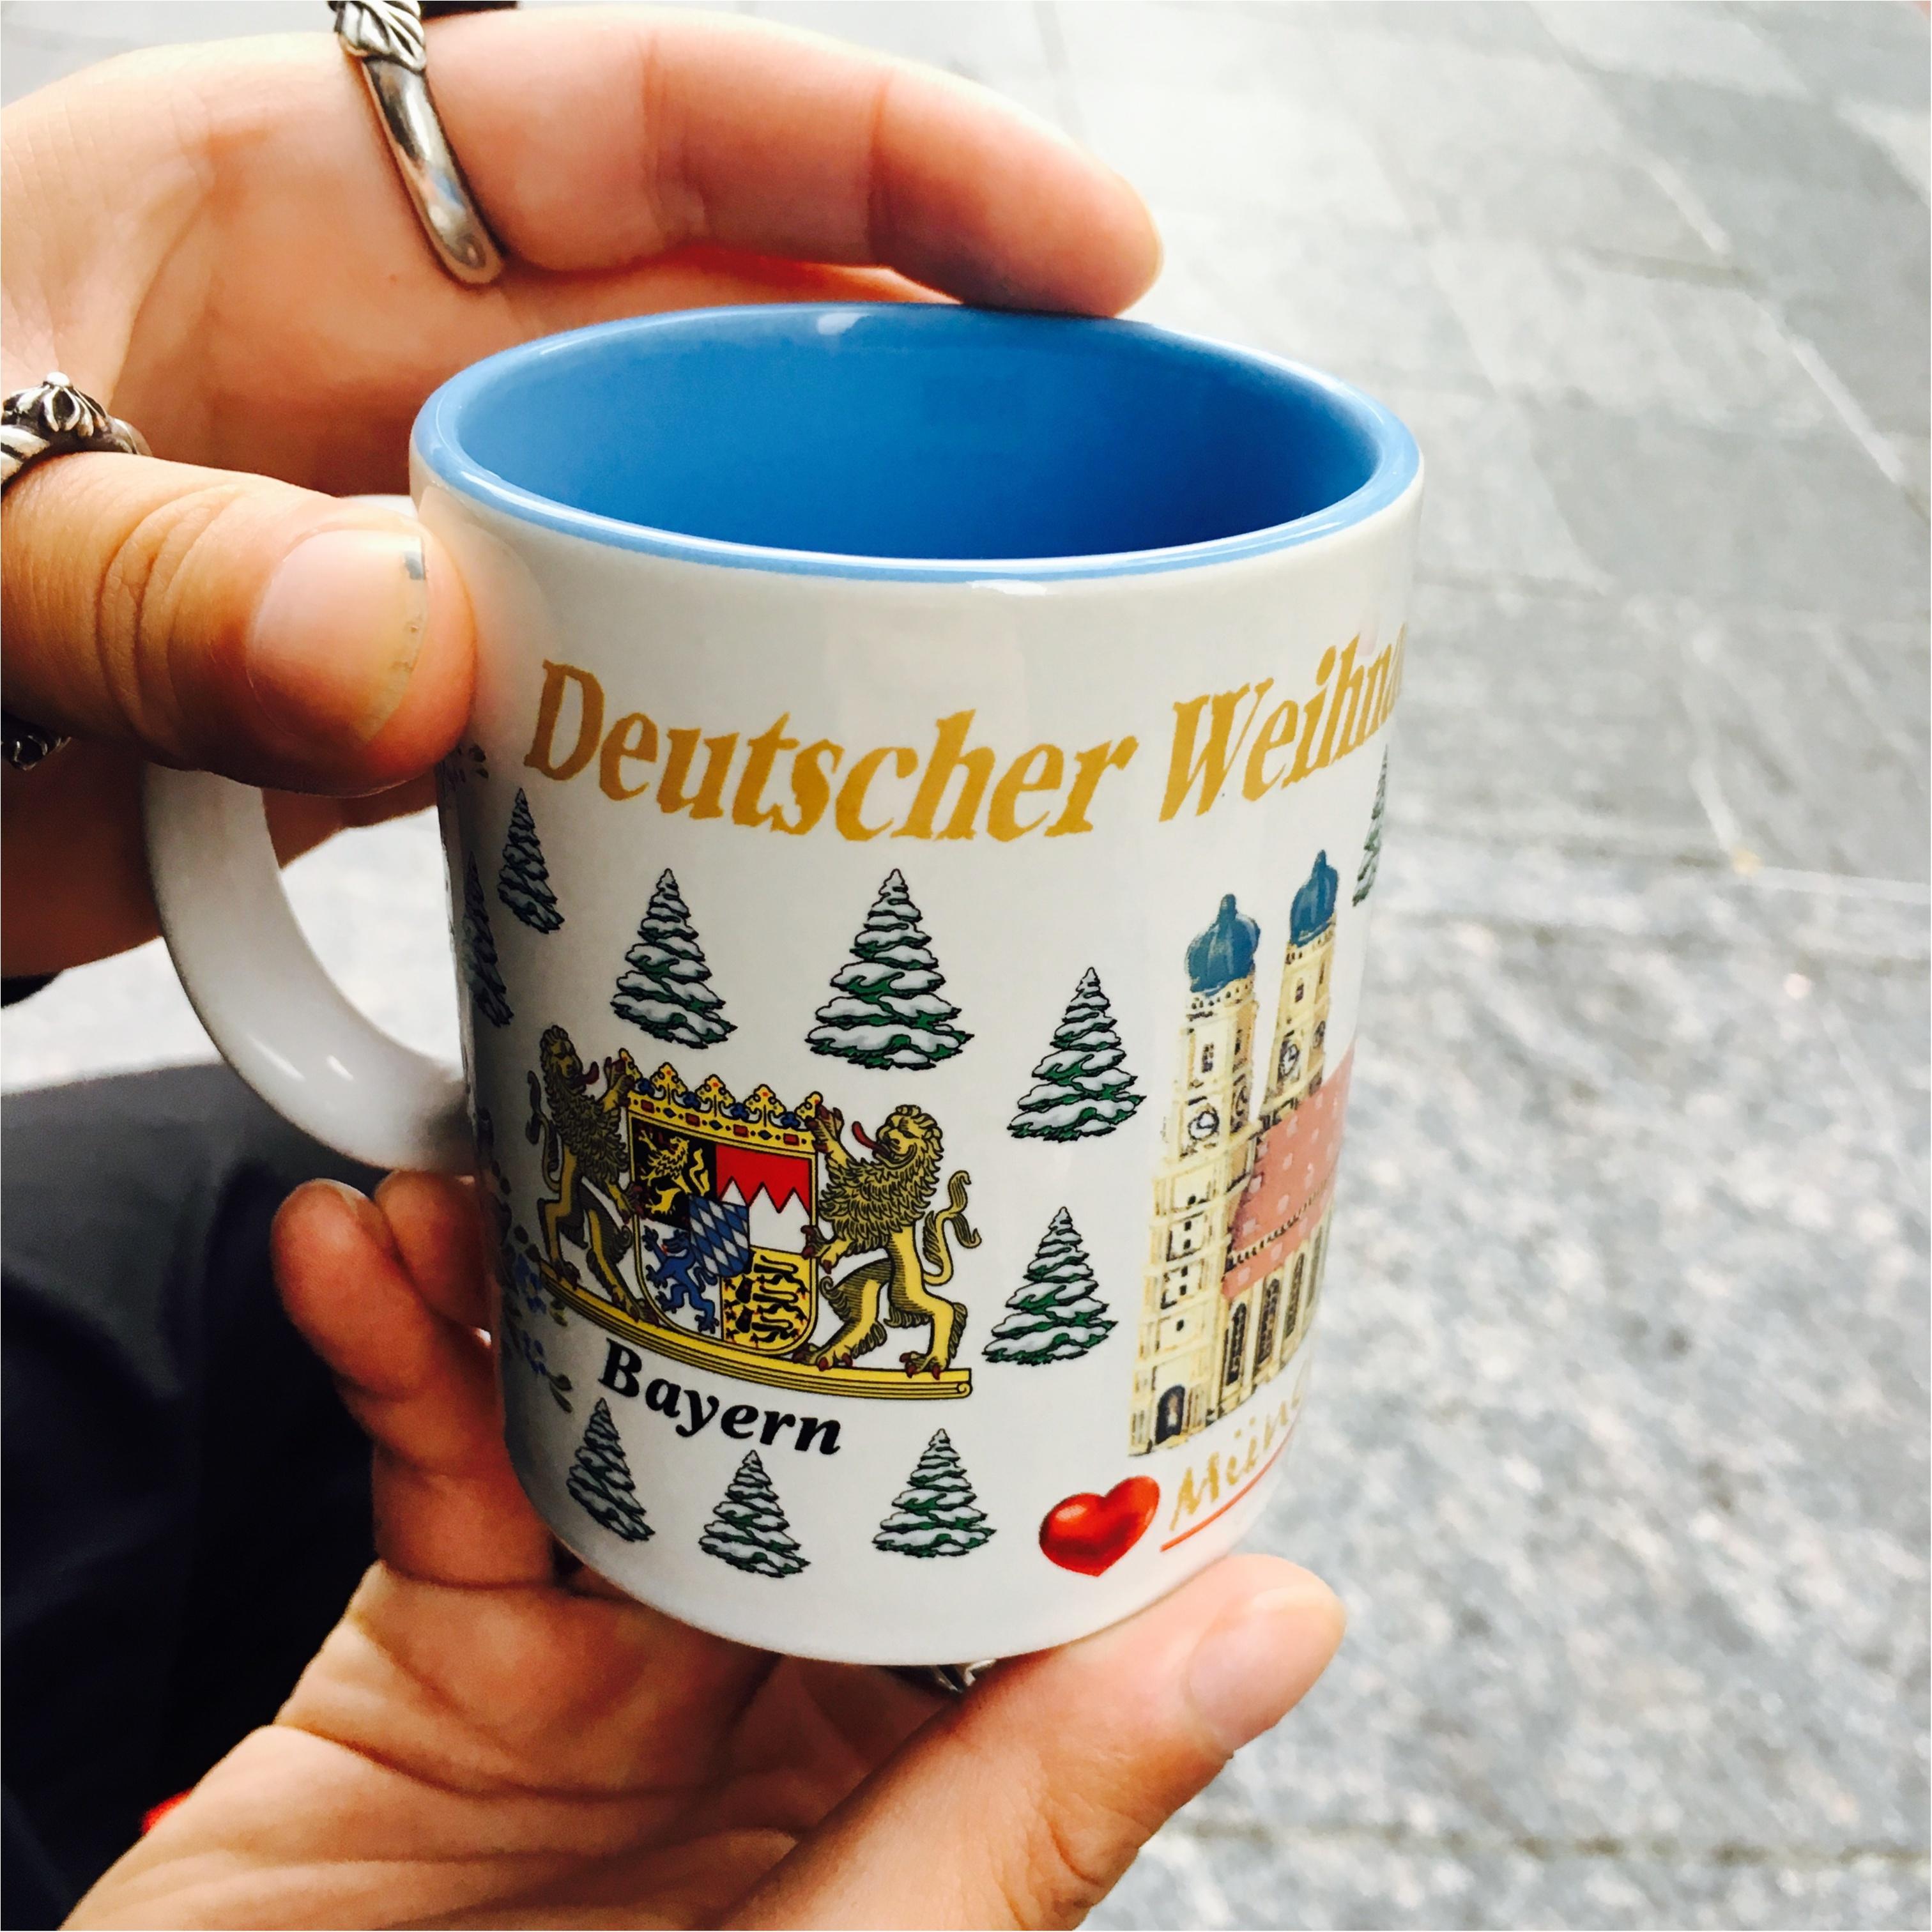 【大阪スカイビル】で開催中の≪ドイツ クリスマスマーケット≫に行ってきました!限定マグカップが今年もかわいすぎるっ!_3